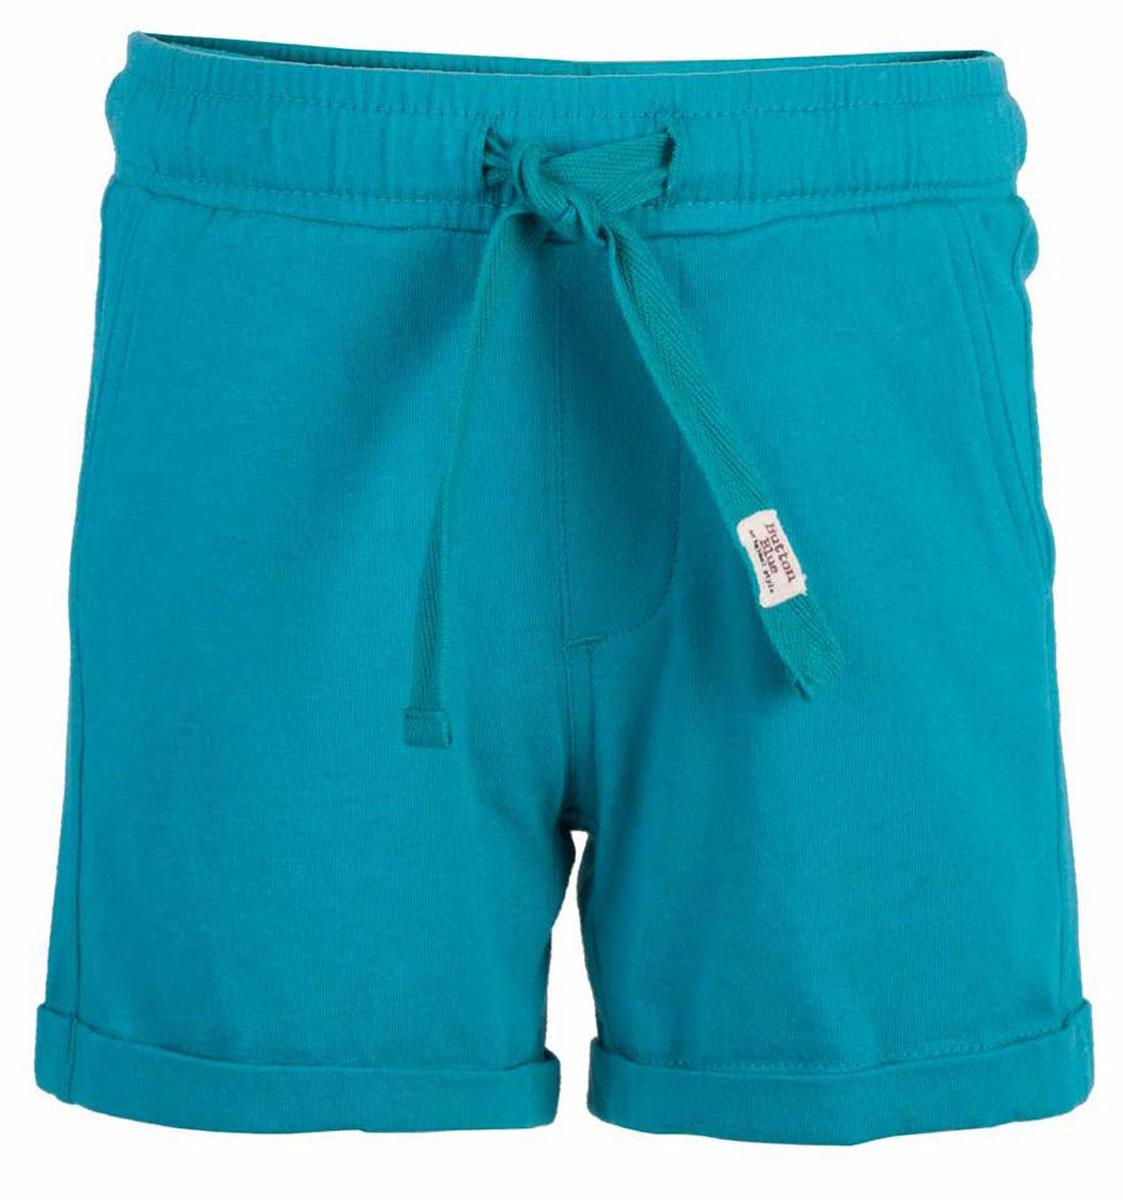 Шорты117BBBC54012800Модные яркие трикотажные шорты на резинке - прекрасное решение на каждый день! И дома, и в лагере, и на спортивной площадке шорты для мальчика обеспечат комфорт. Купить недорого детские шорты от Button Blue, значит, сделать каждый летний день ребенка радостным и беззаботным!